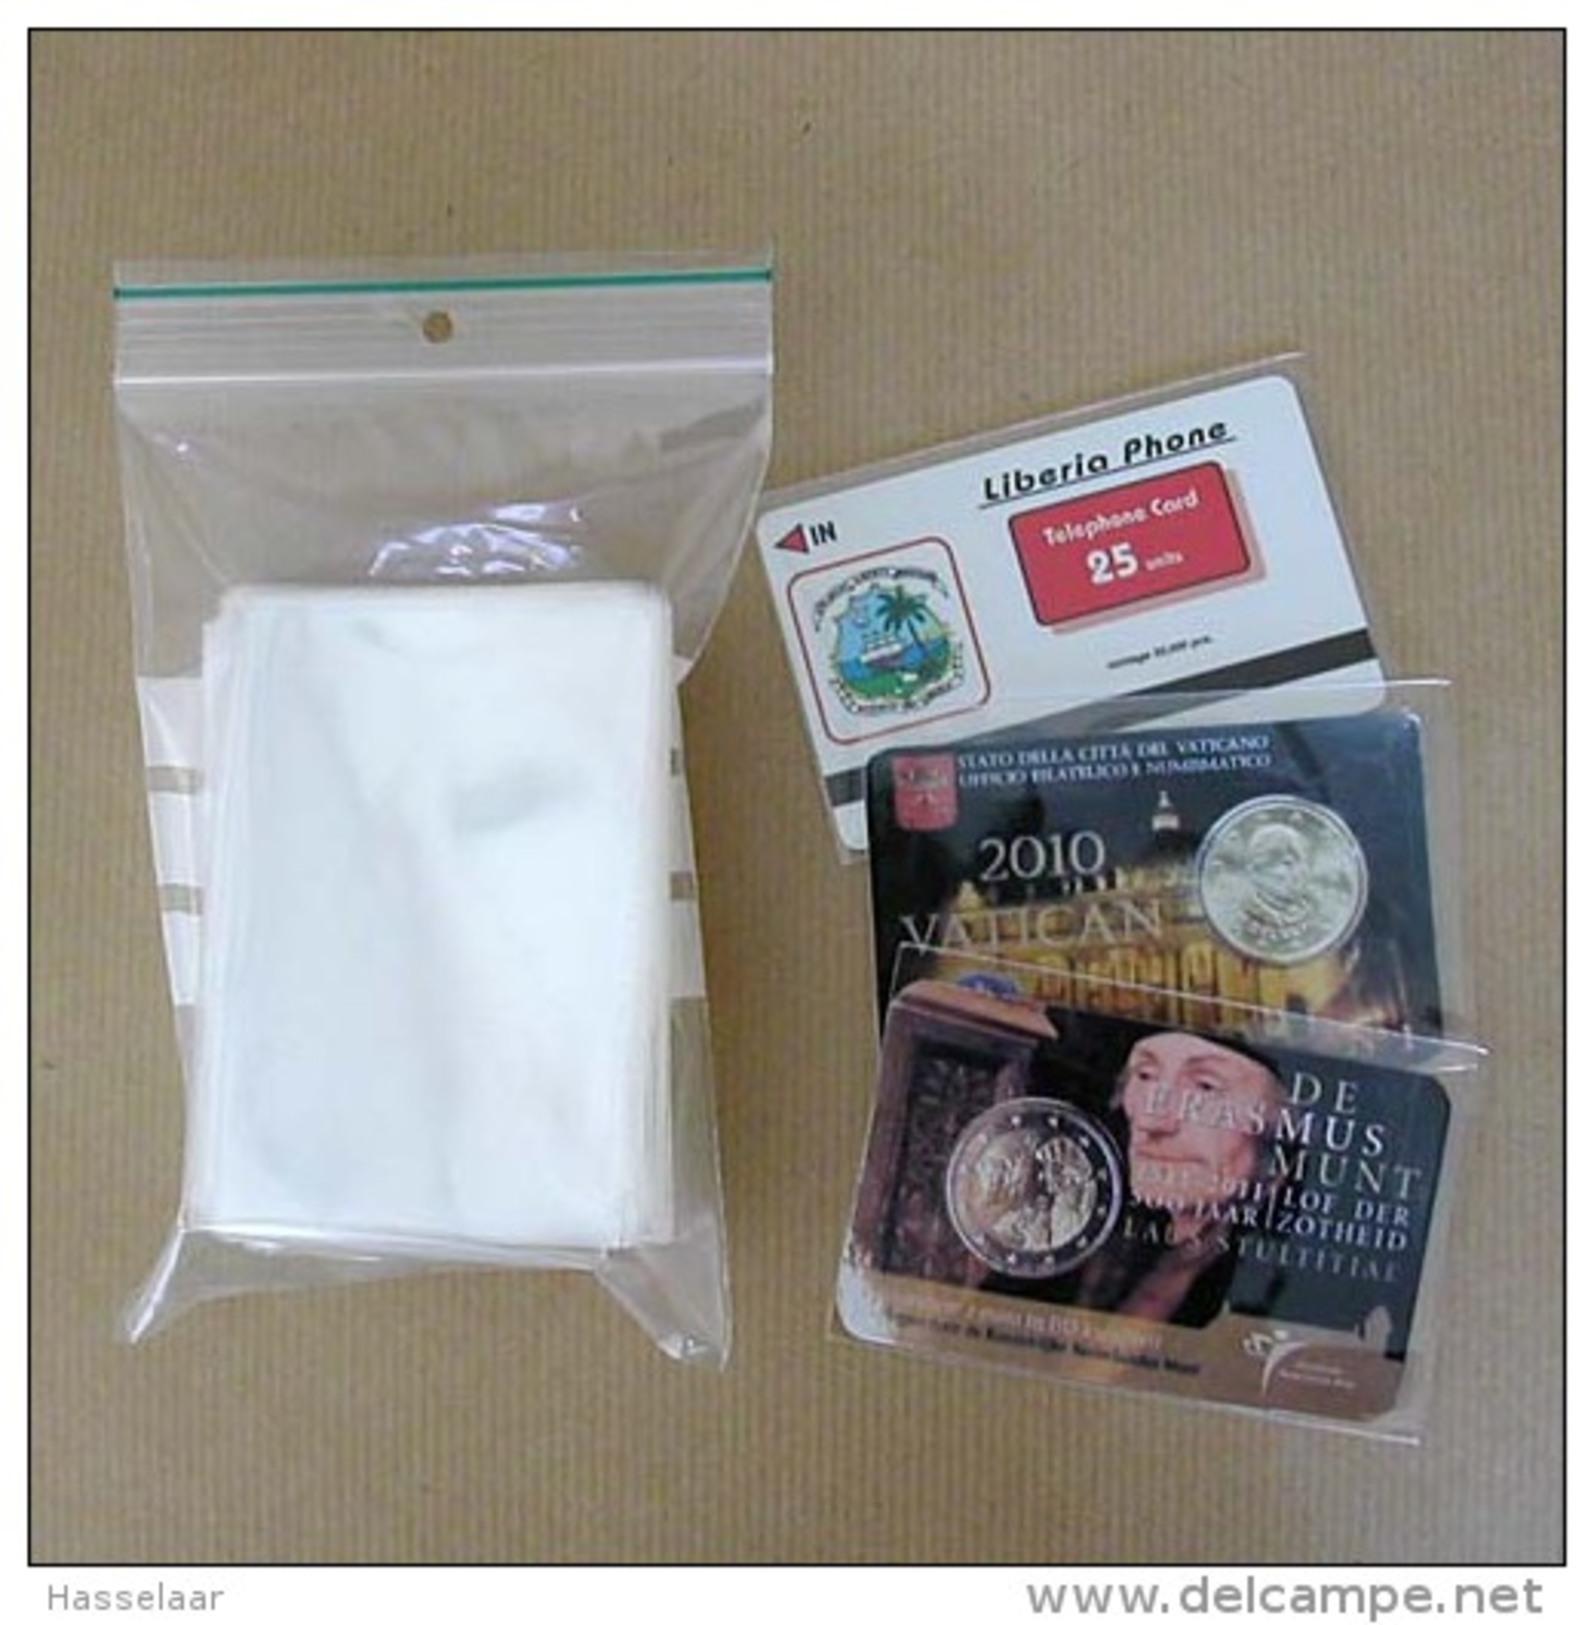 1 Kilo Hoesjes Voor Telekaarten, Coincards - Pochettes Pour Telecartes - Matériel